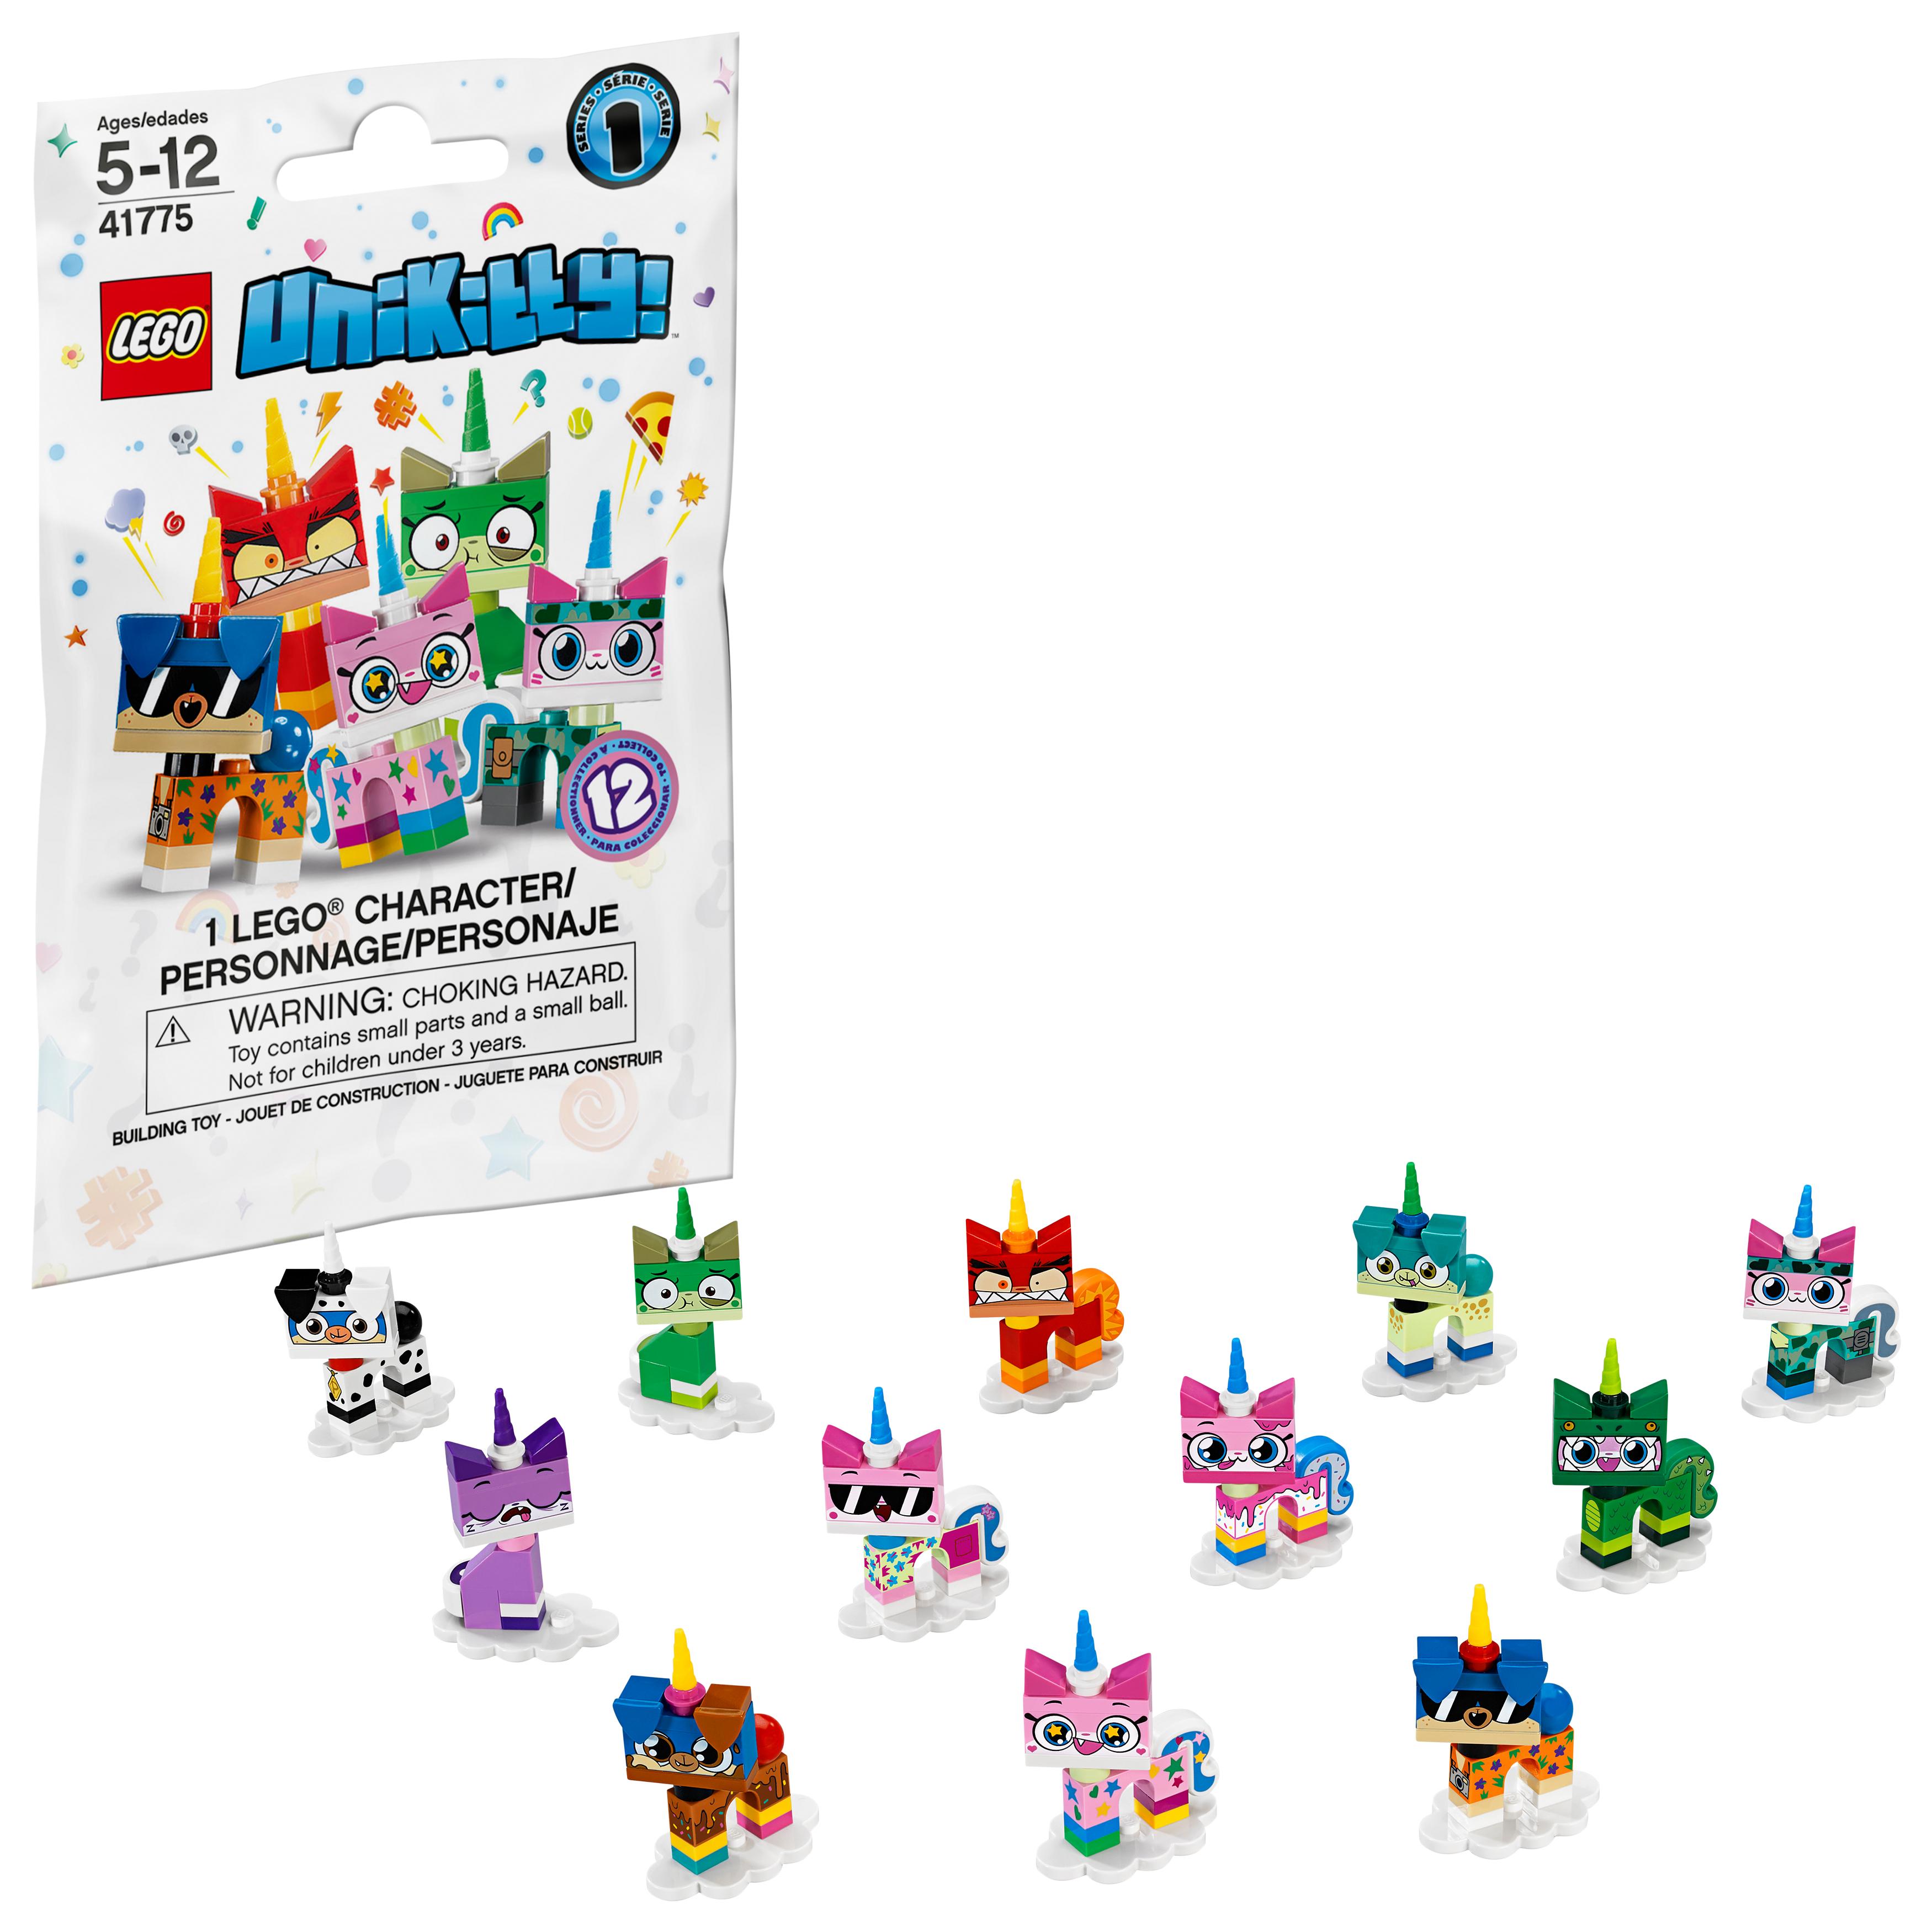 LEGO UNIKITTY 41775 SERIES 1 ALIEN PUPPYCORN  MINI FIGURE LOOSE  2018